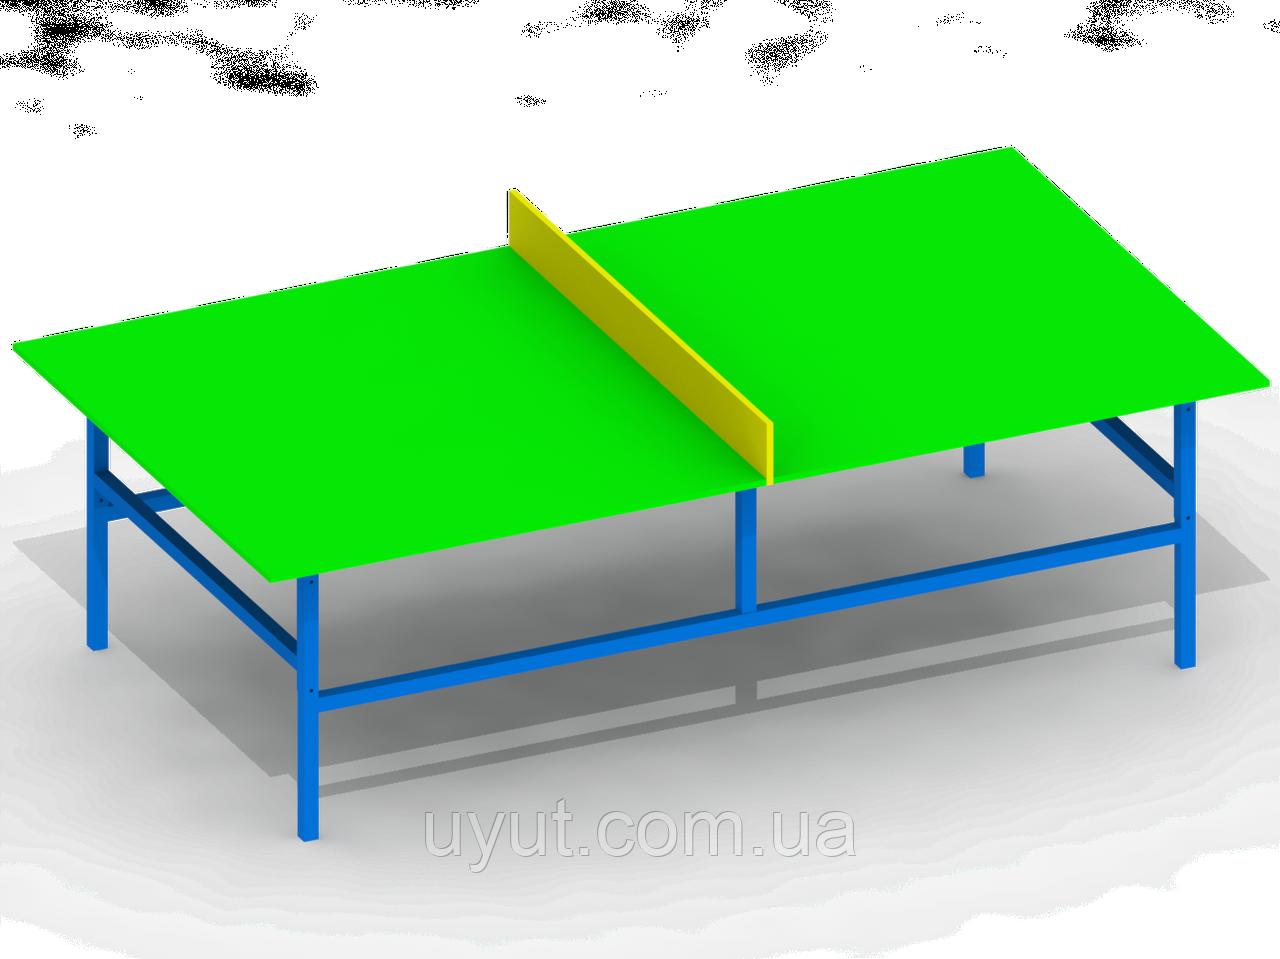 Стол теннисный C68